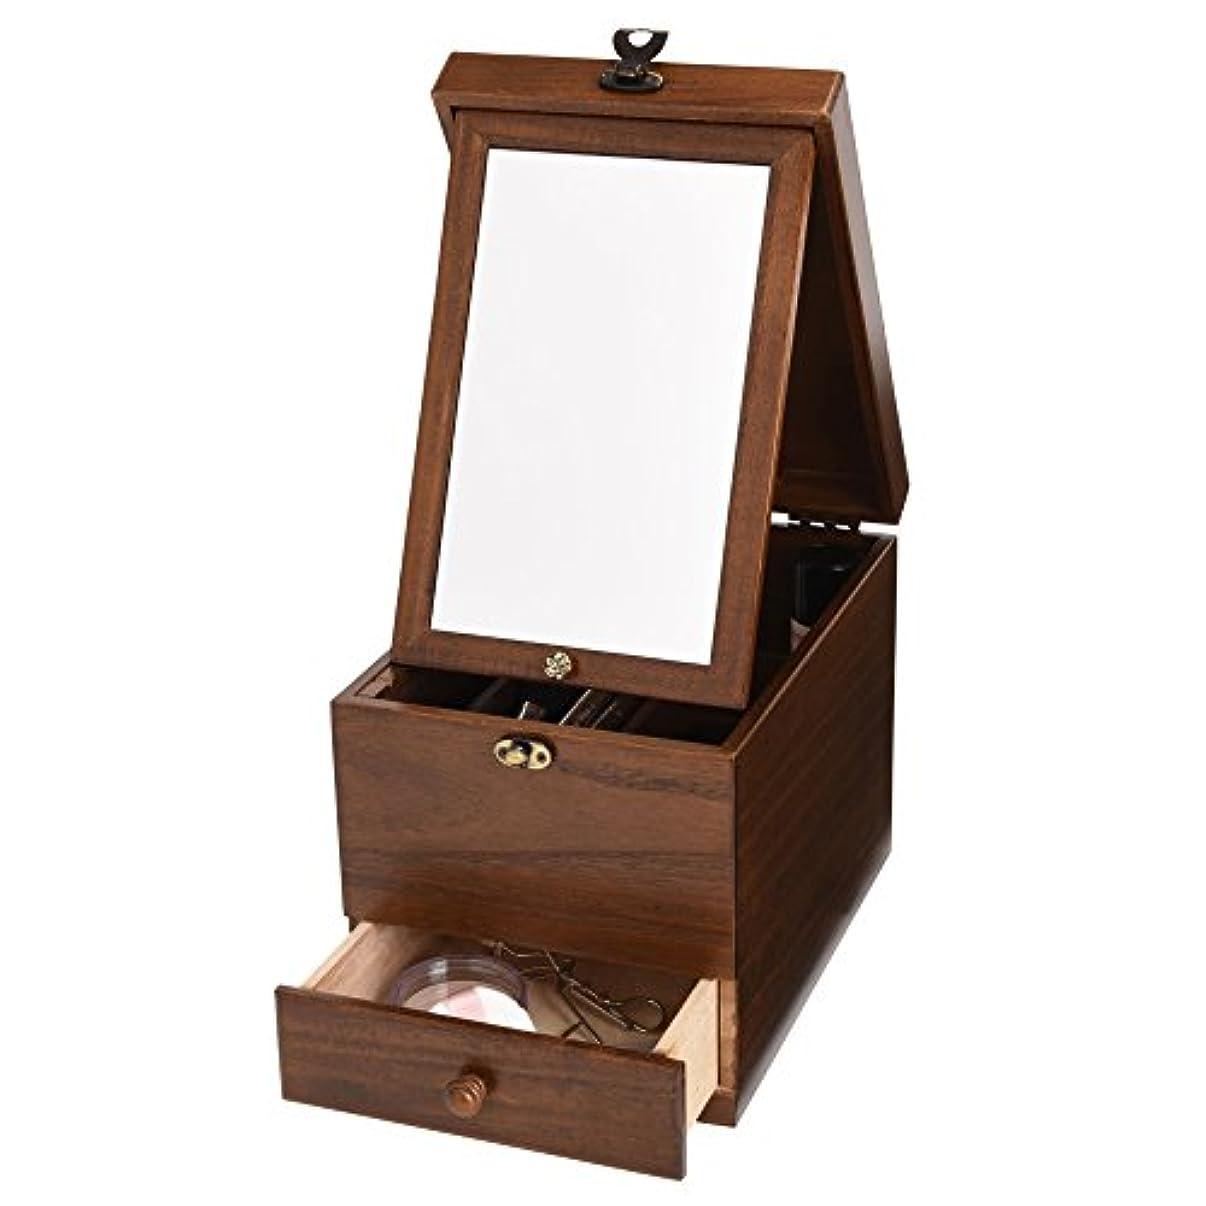 半円ロードされた社会主義木製コスメボックス 引き出し 鏡付き 収納 メイクボックス 化粧ボックス 日本製